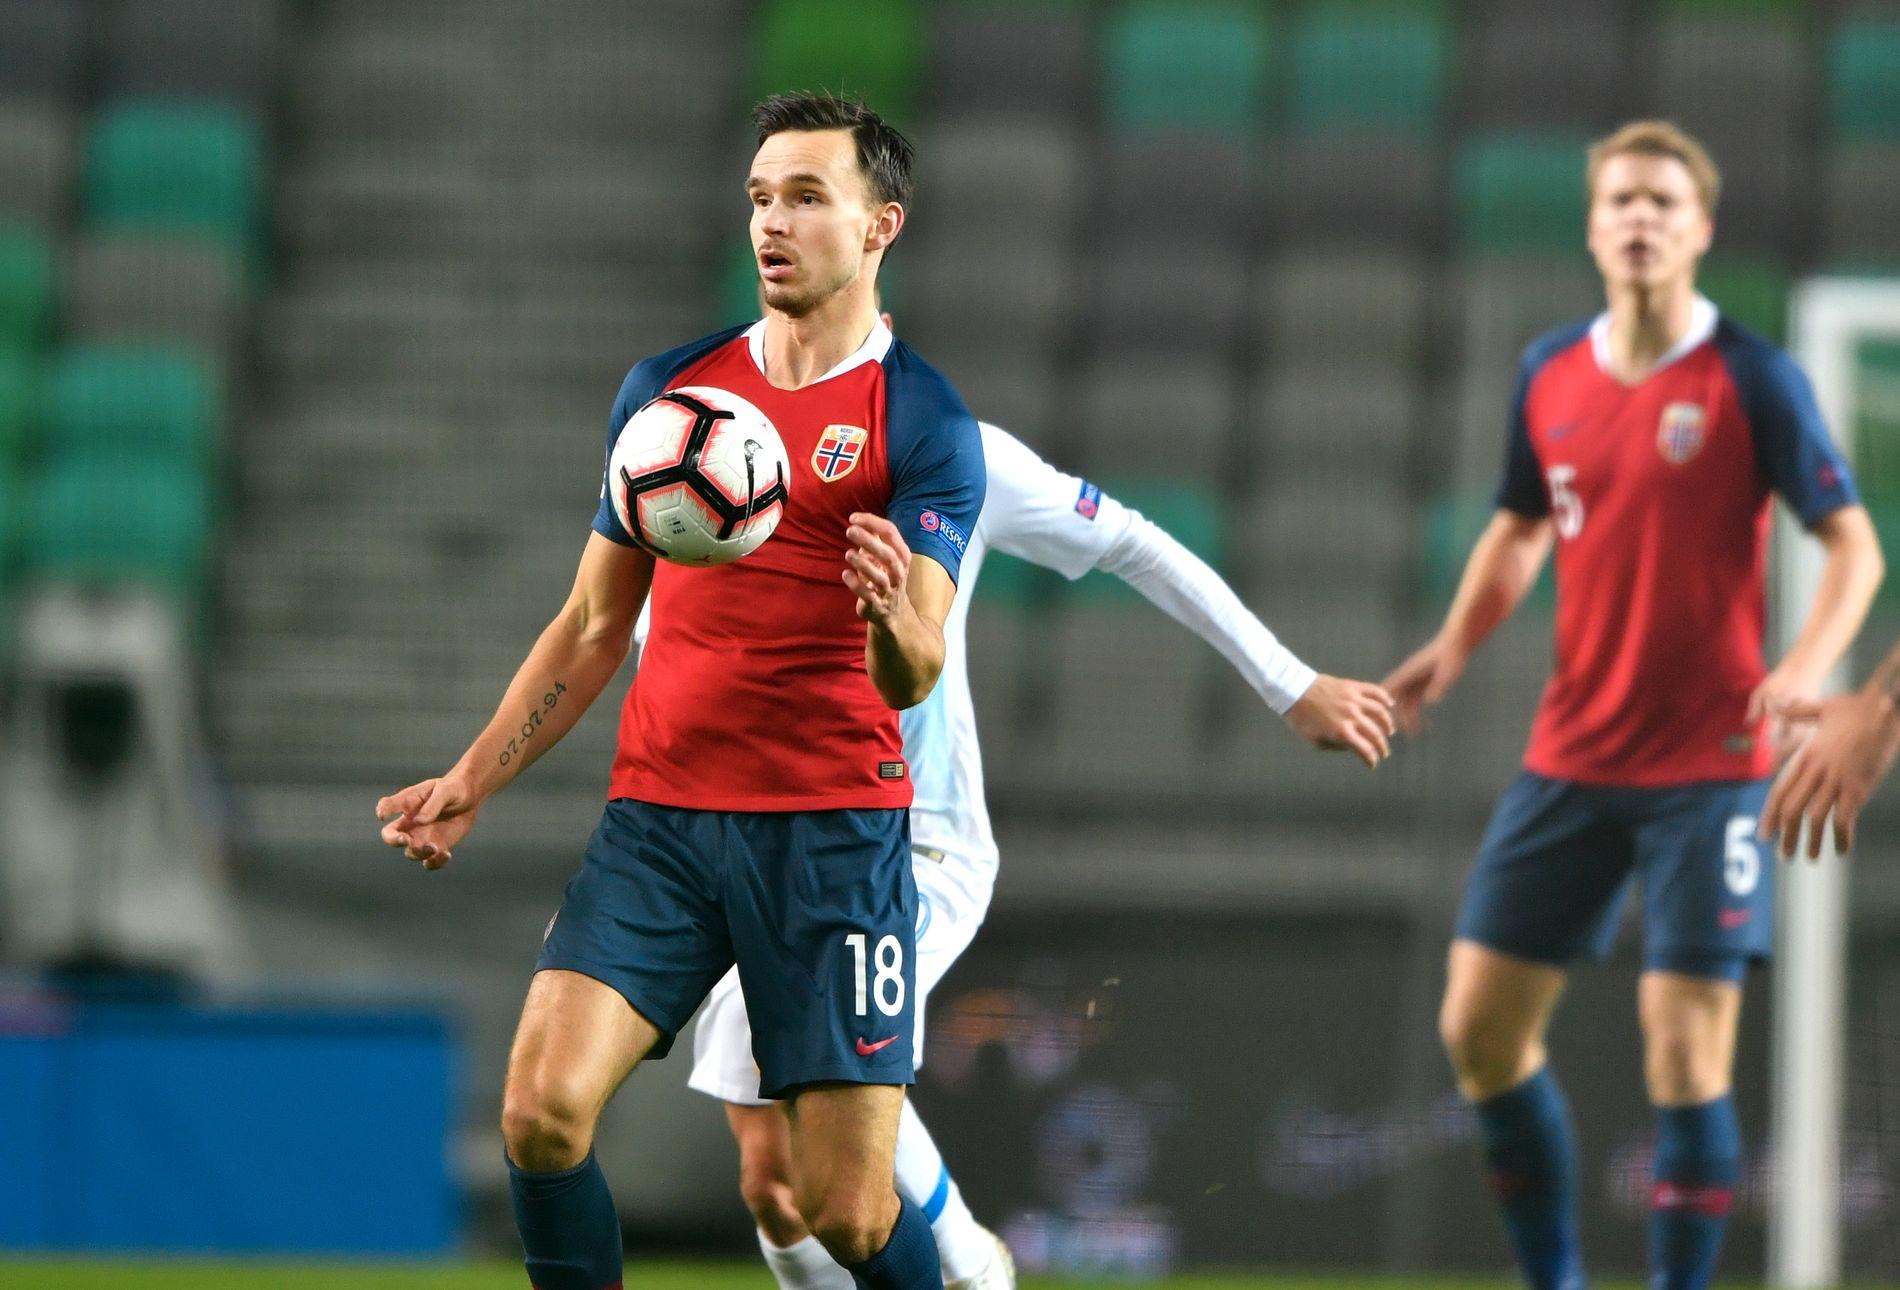 KRITISK: Tidligere RBK-spiller Ole Selnæs i aksjon for landslaget mot Slovenia i november.